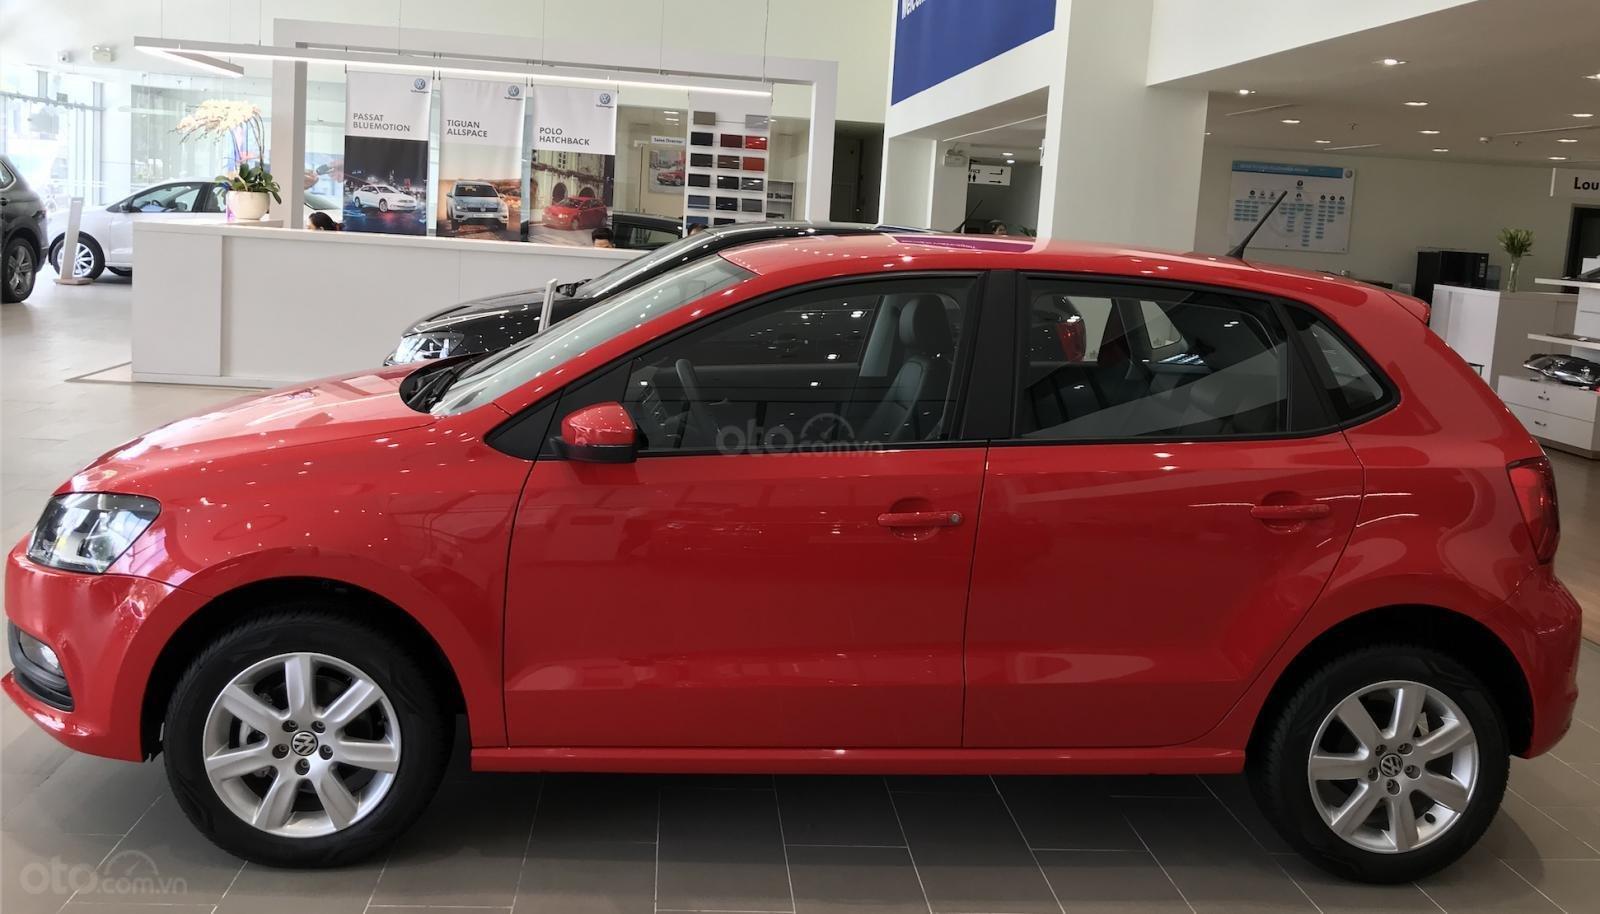 Polo HB 2020 - Nâng cấp ngoại hình và trang bị. Giá vẫn không đổi - Hotline: 090 68768 54 (5)